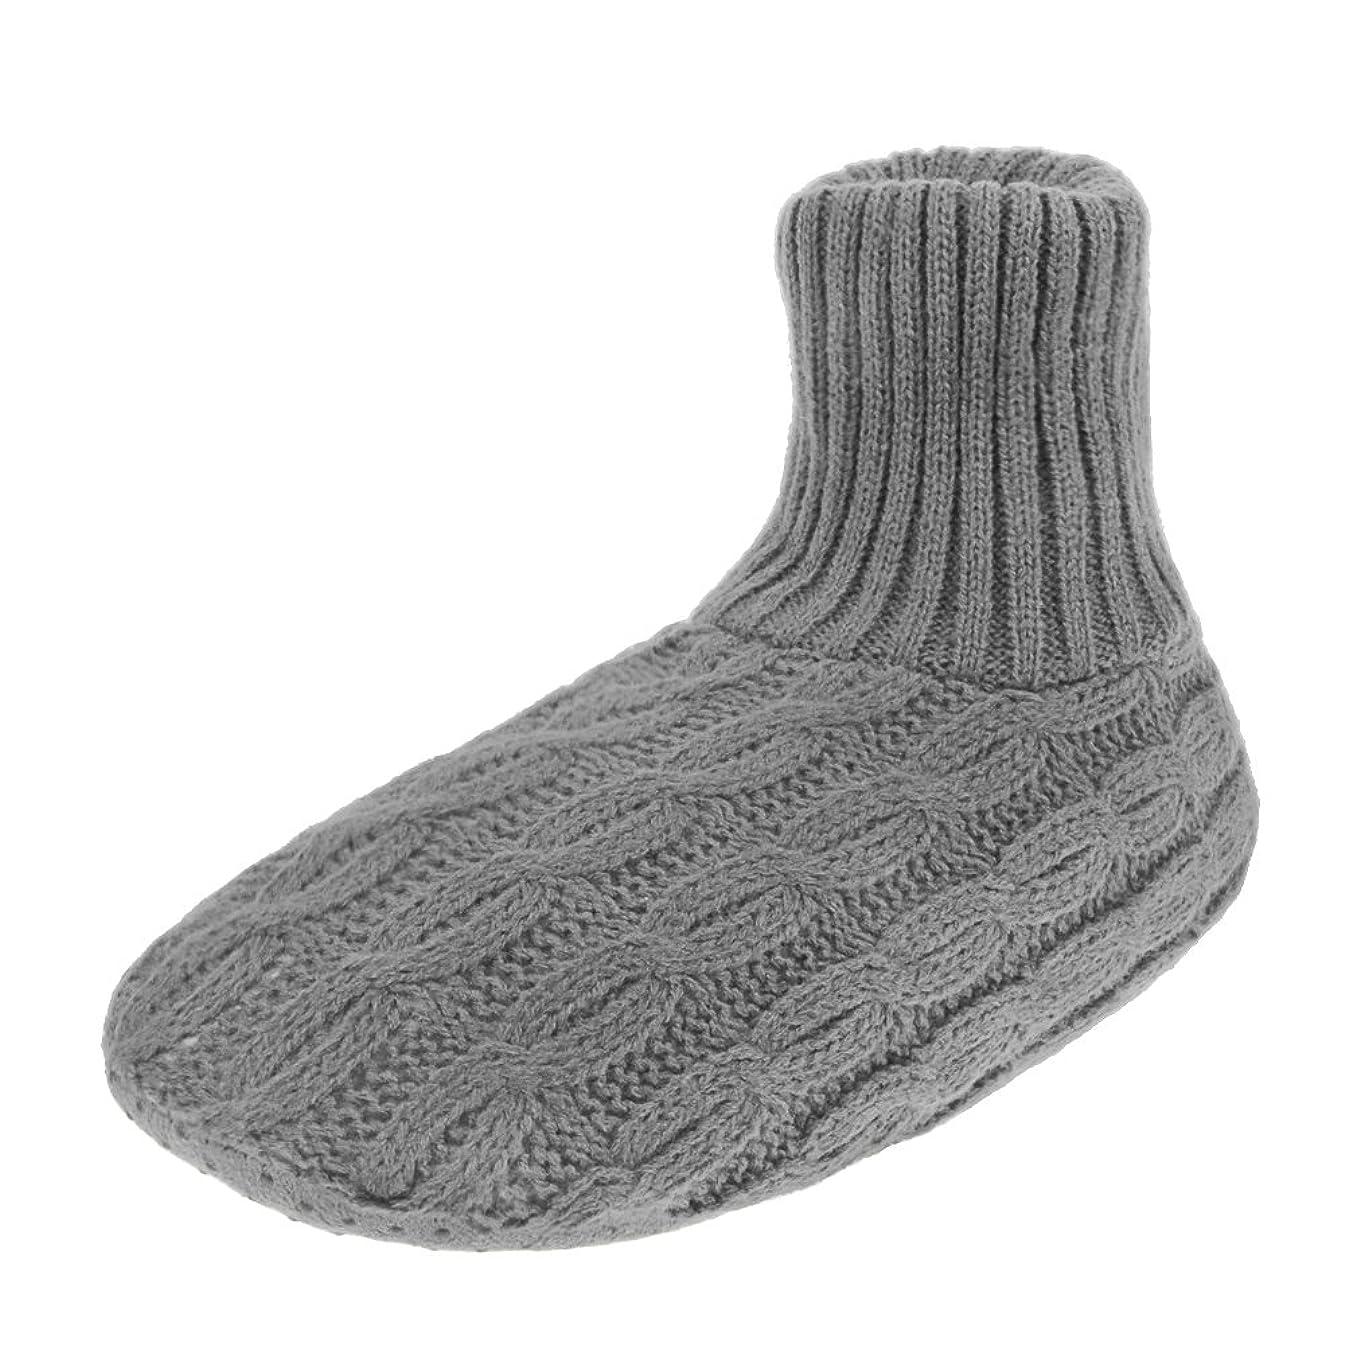 証拠どんなときもやがてレディース靴下 ルームソックス 編み物 室内履き 自宅仕事用 ニット 暖かい もこもこ 寒気防止 両足温める 極厚地 柔軟 滑り止めクッション シンプル 冬 ソックス くつした ガールズ 女 女性用 成人 ジュニア 来客用